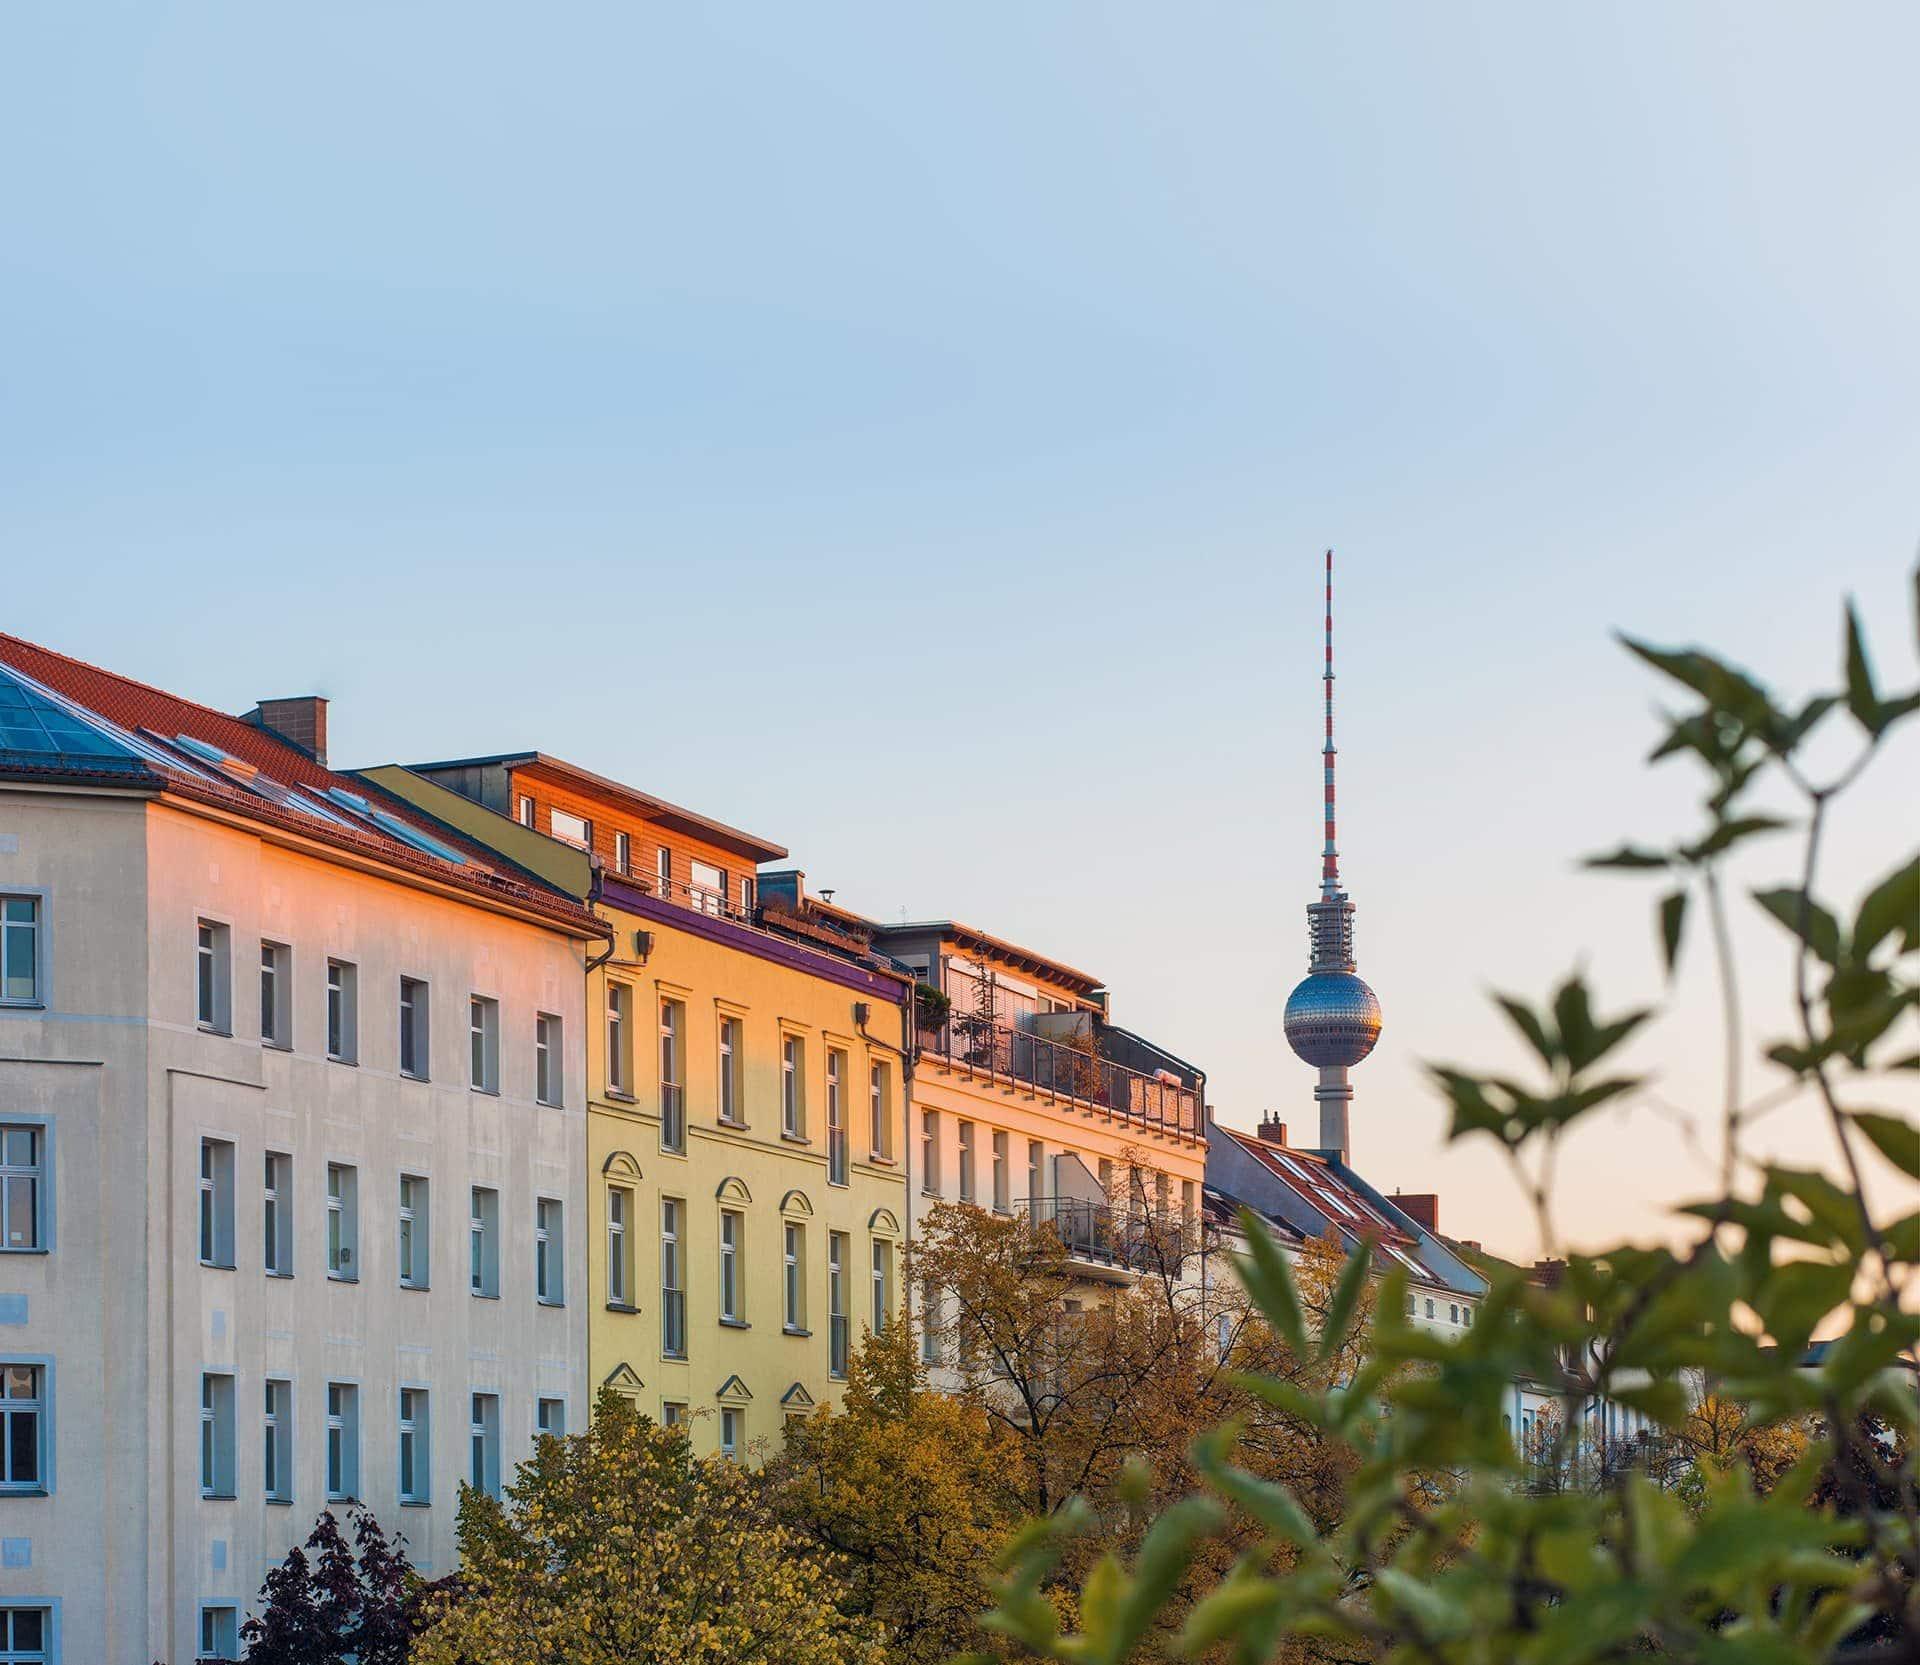 Wohnhäuser in Berlin mit Fernsehturm